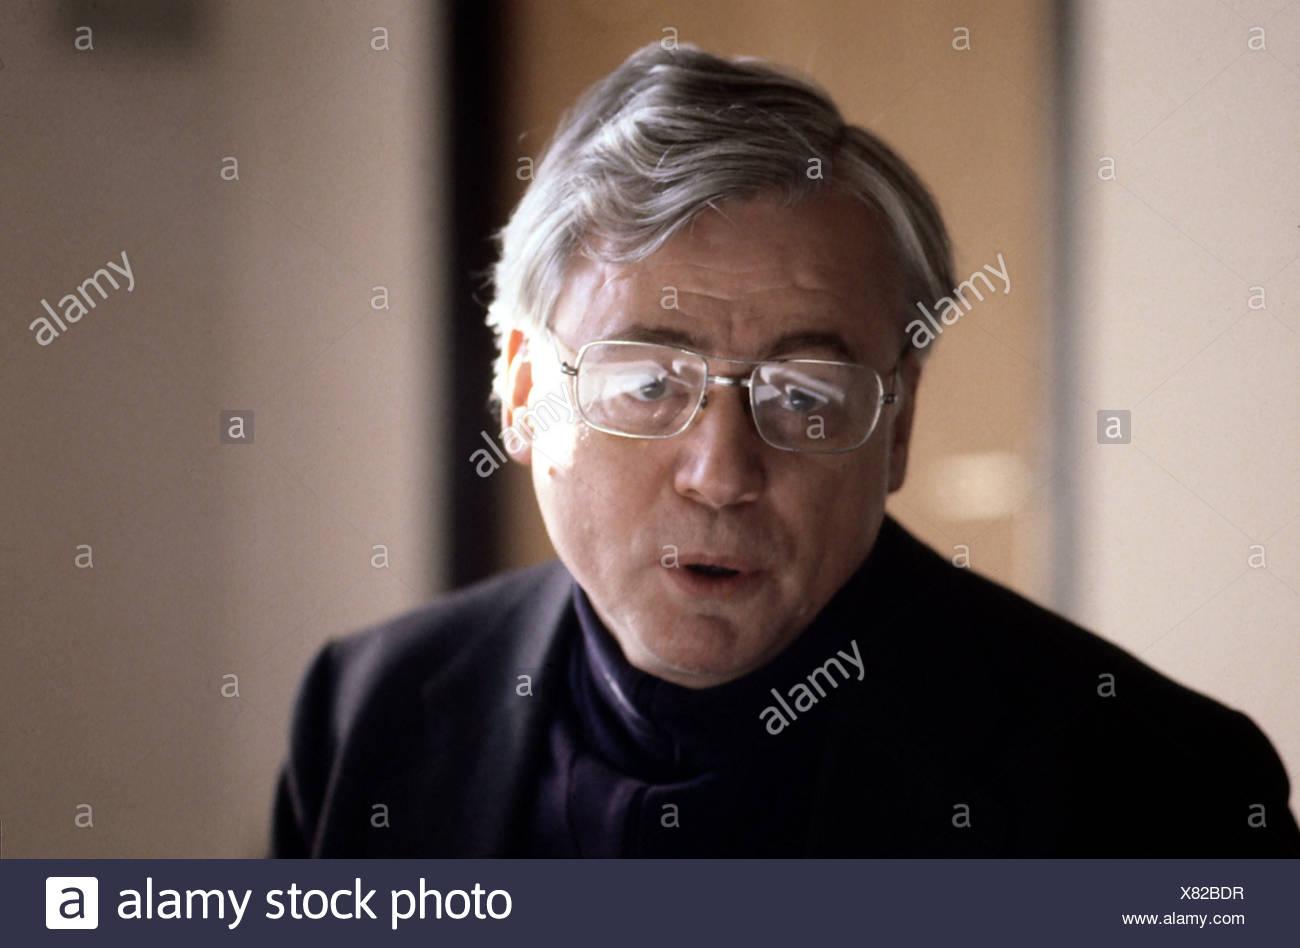 Alexander Kluge, 14.2.1932, *, le réalisateur allemand, auteur / scénariste, portrait, des années 1980, parler, parler, lunettes, Photo Stock